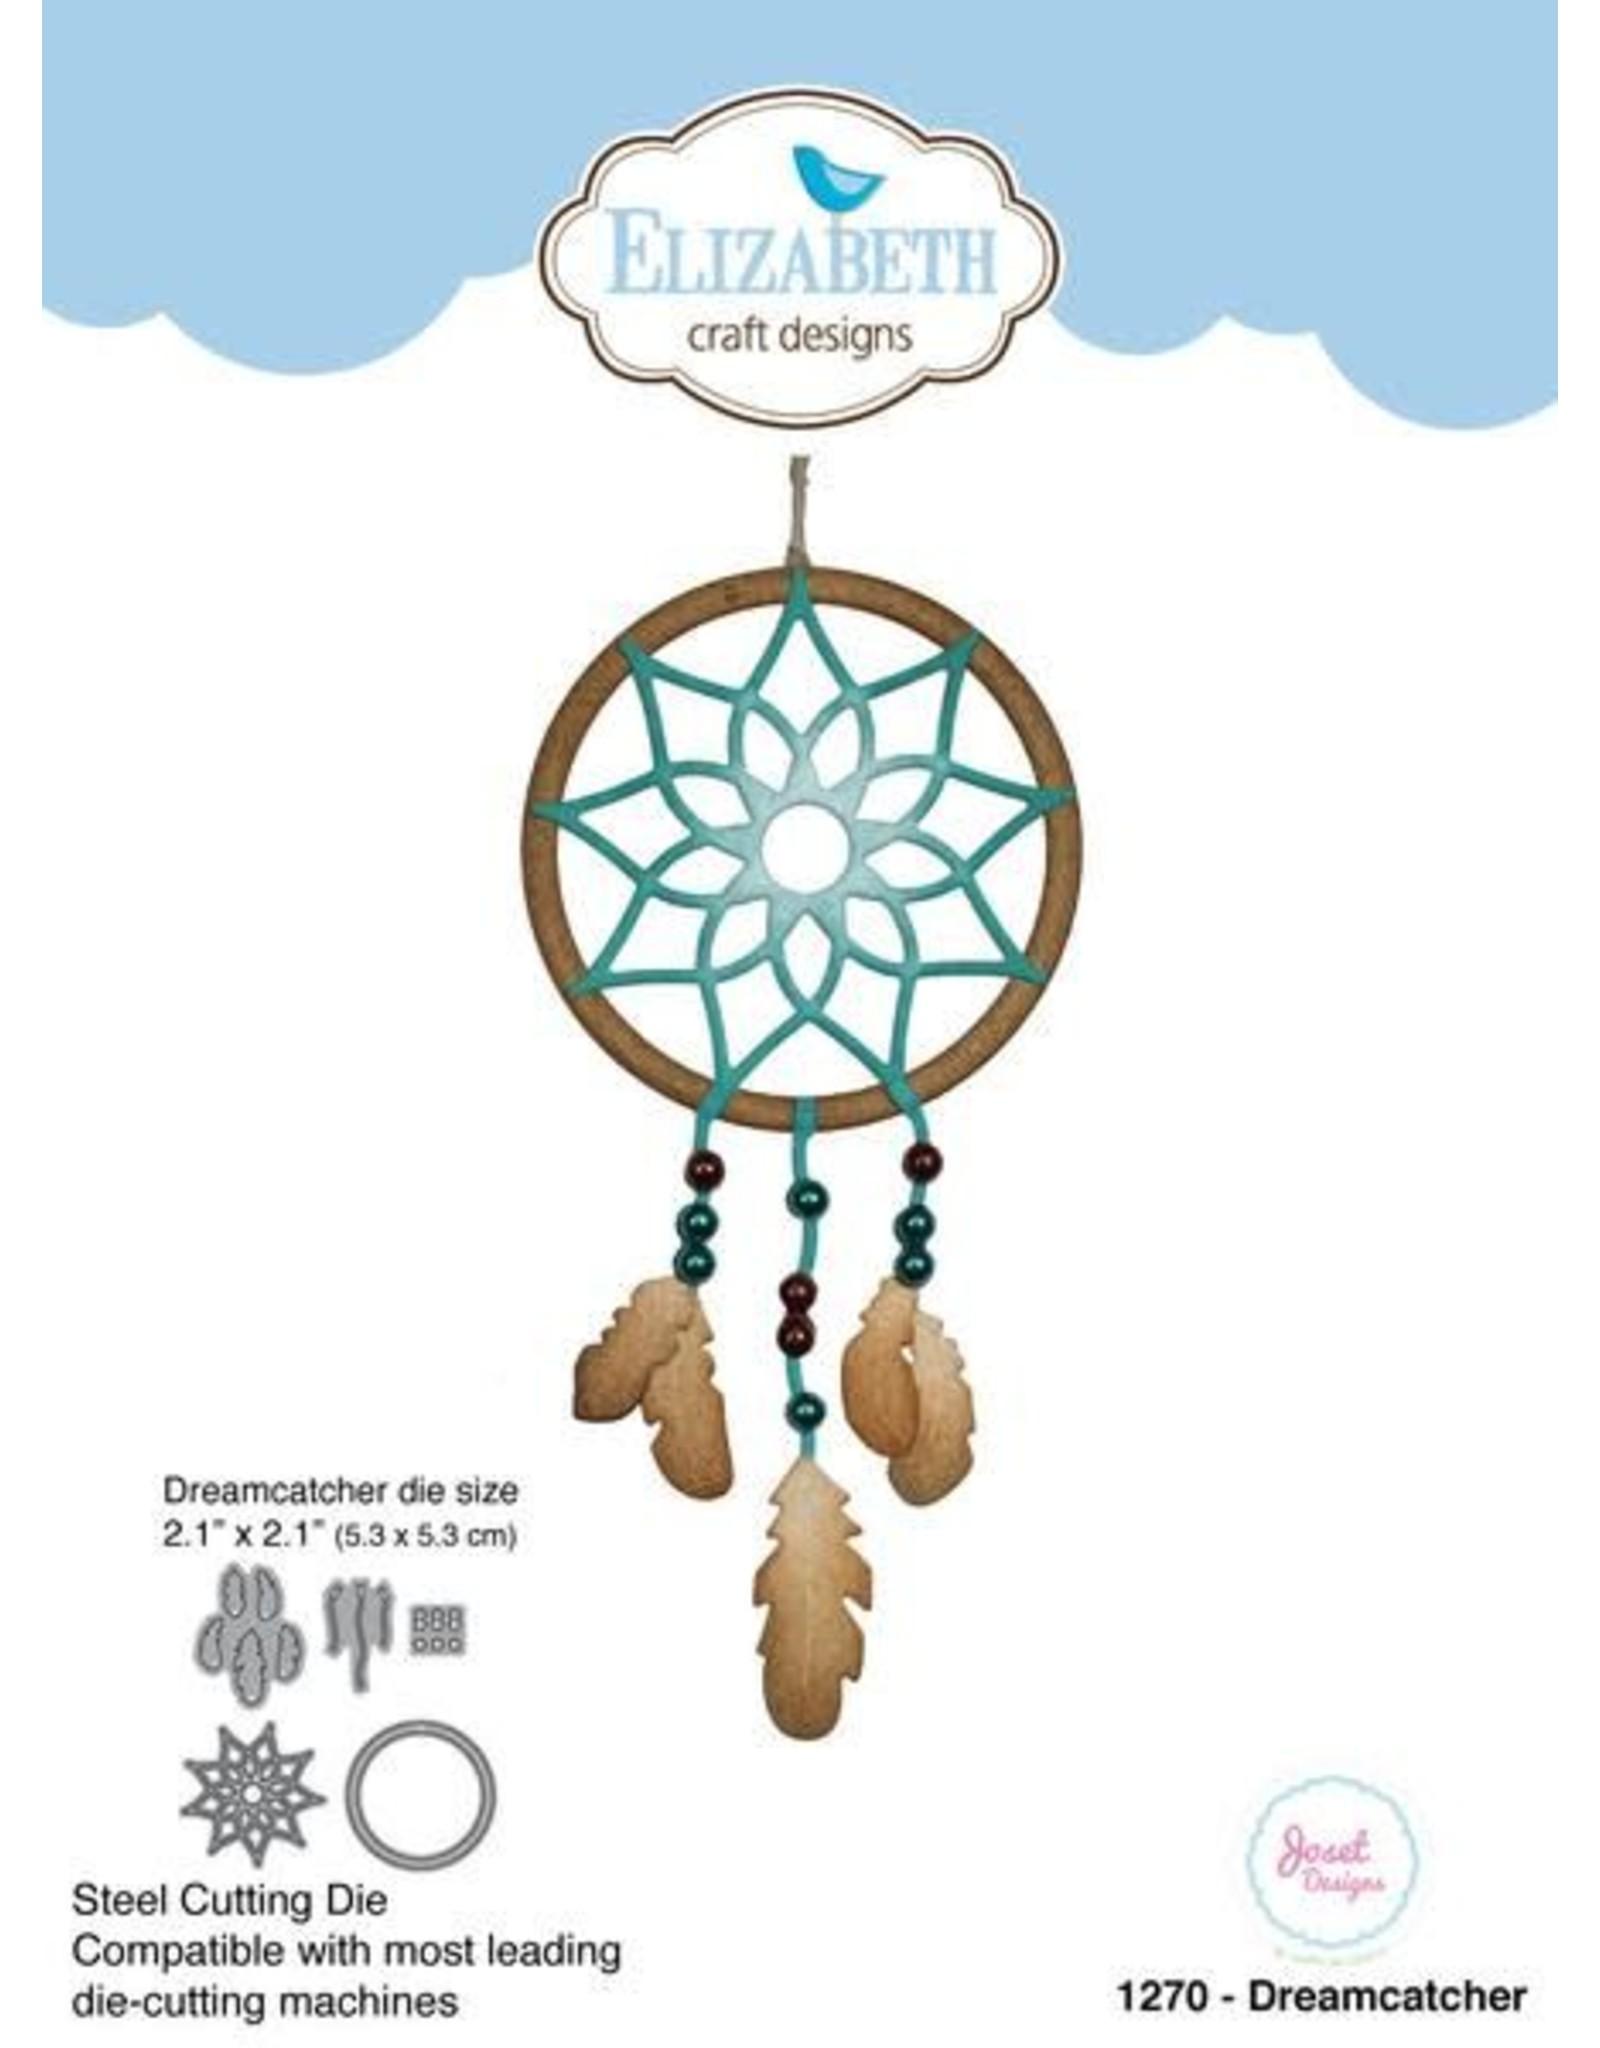 Elizabeth Craft Designs Elizabeth Craft Designs Dreamcatcher 1270